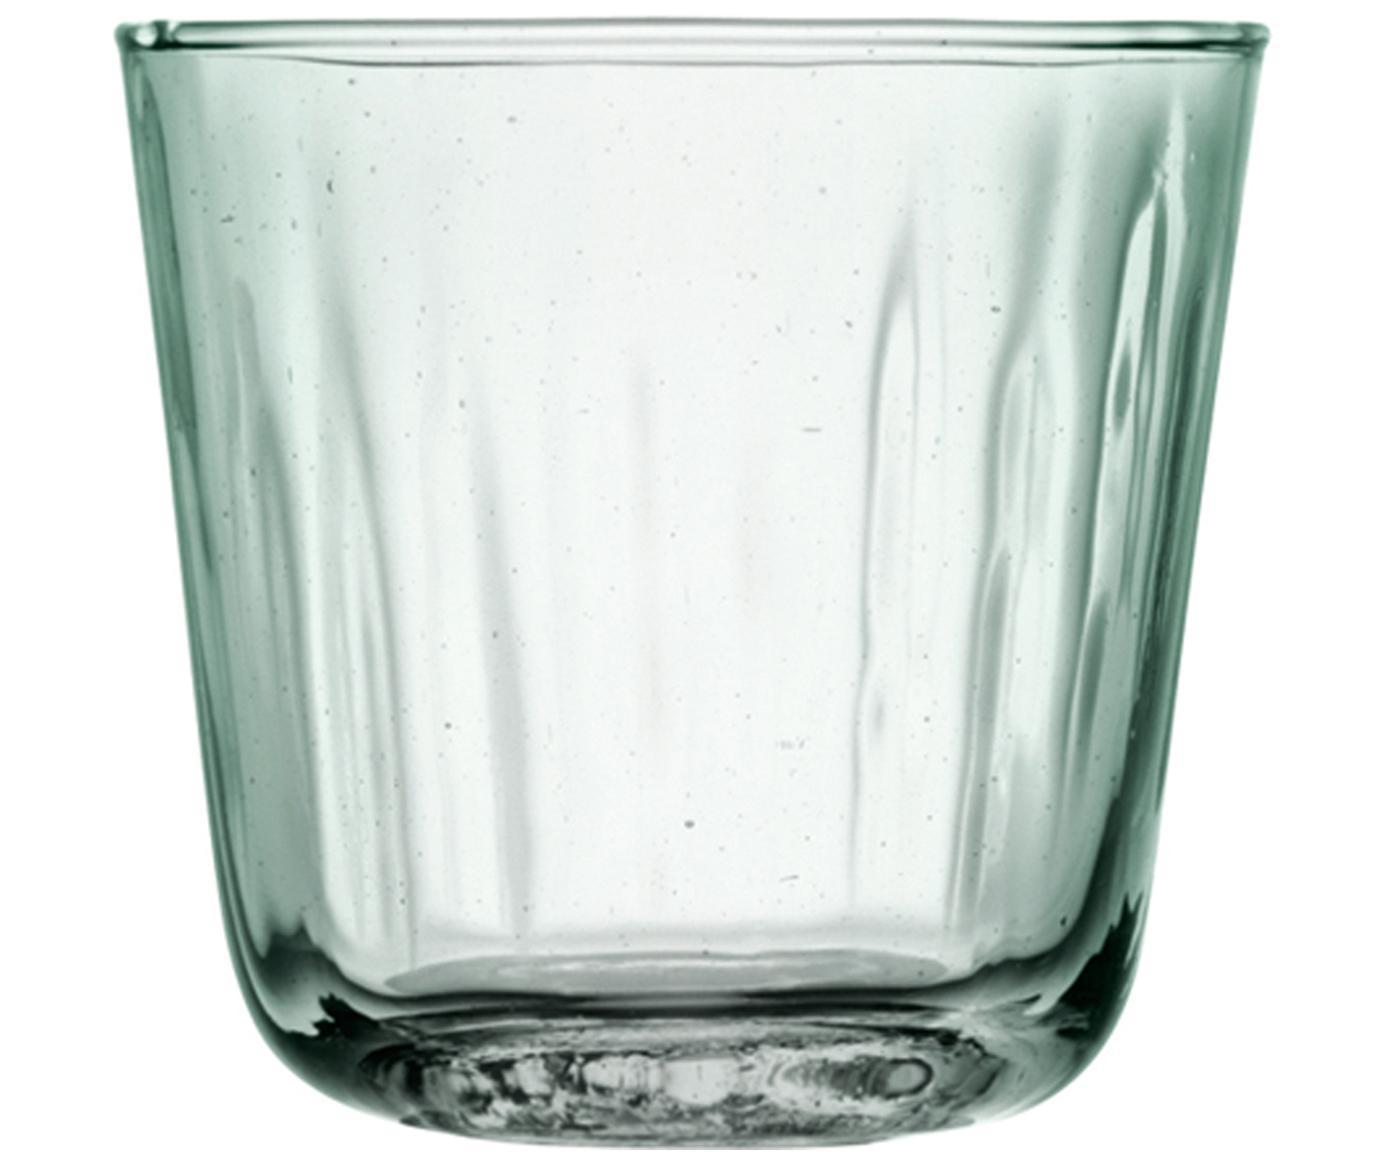 Vasos con relive Mia, 4uds., Vidrio reciclado, Turquesa, transparente, Ø 9 x Al 8 cm